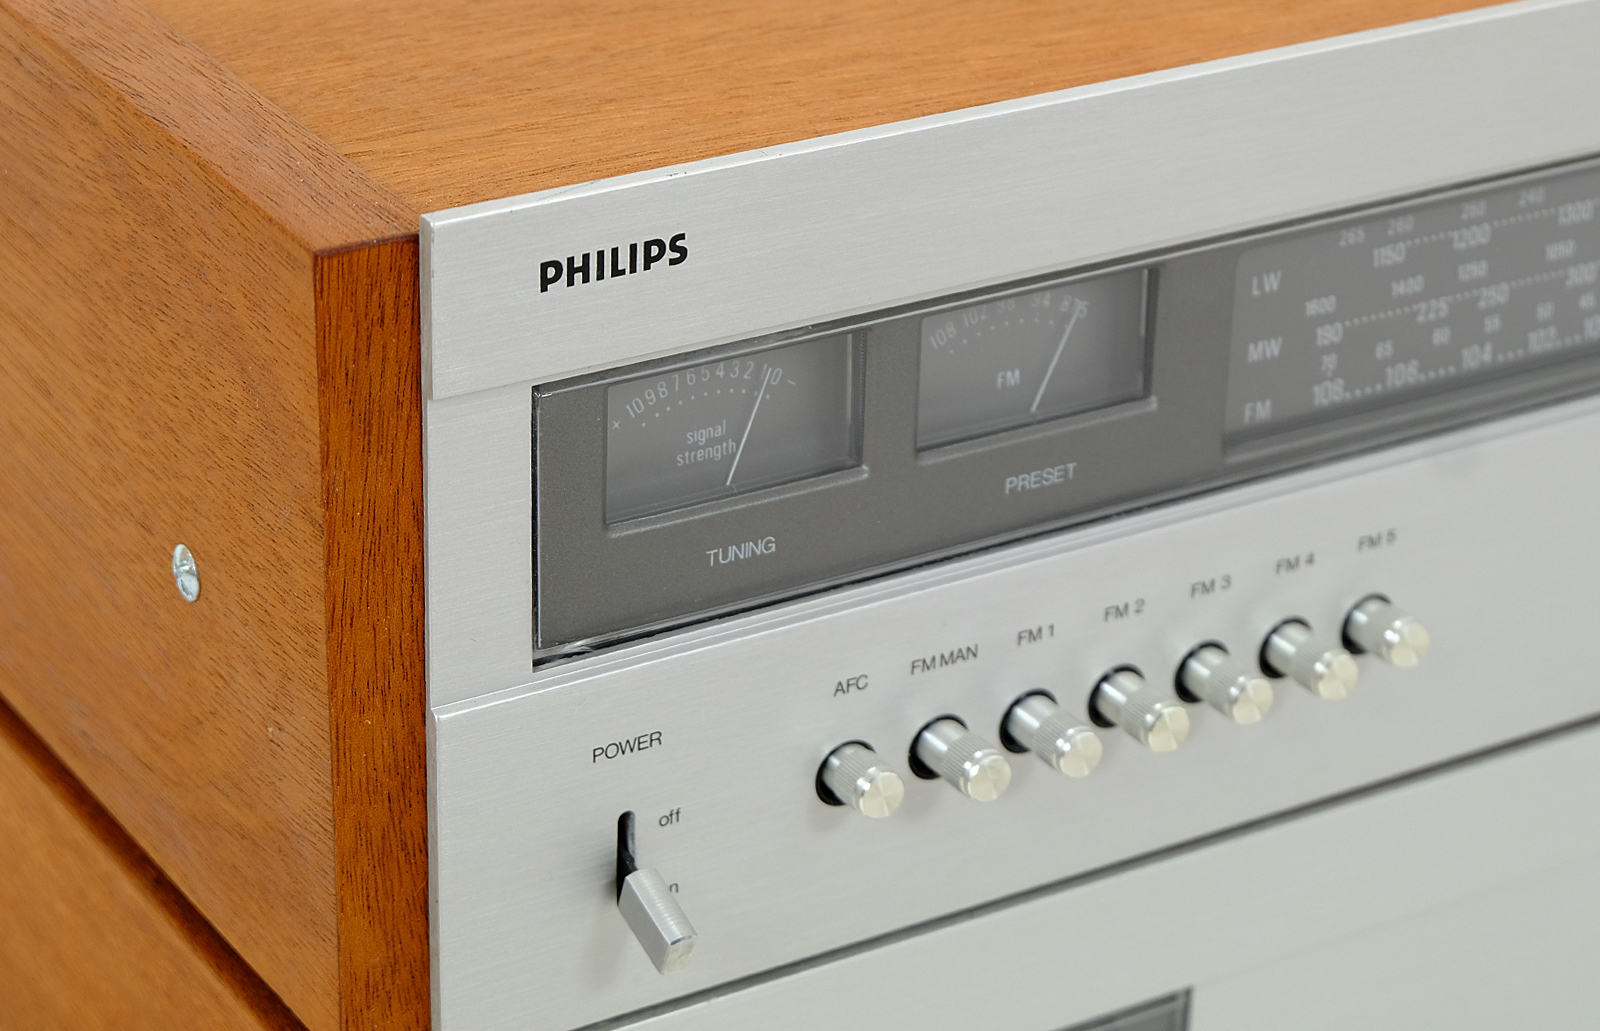 Philips 594, Tuner Philips 694